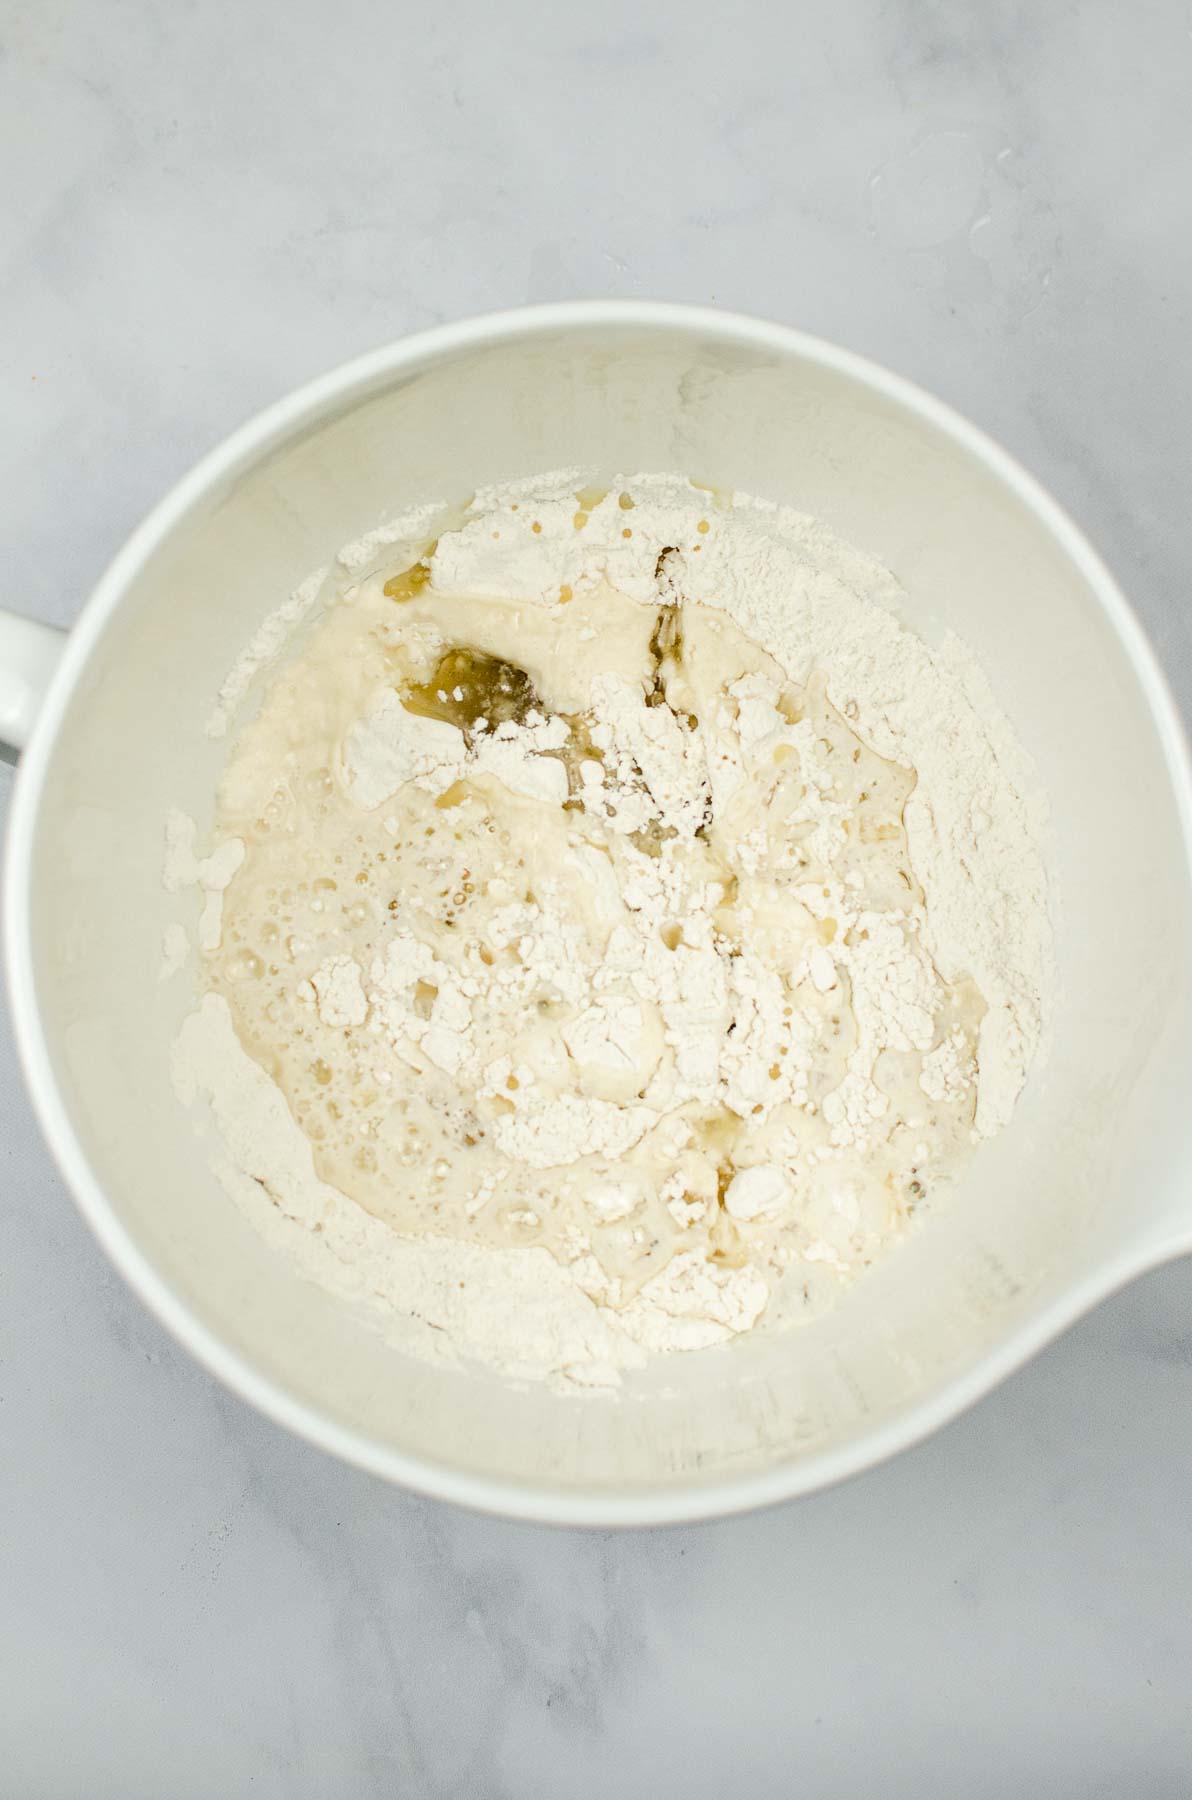 Rough tortilla dough in a bowl.